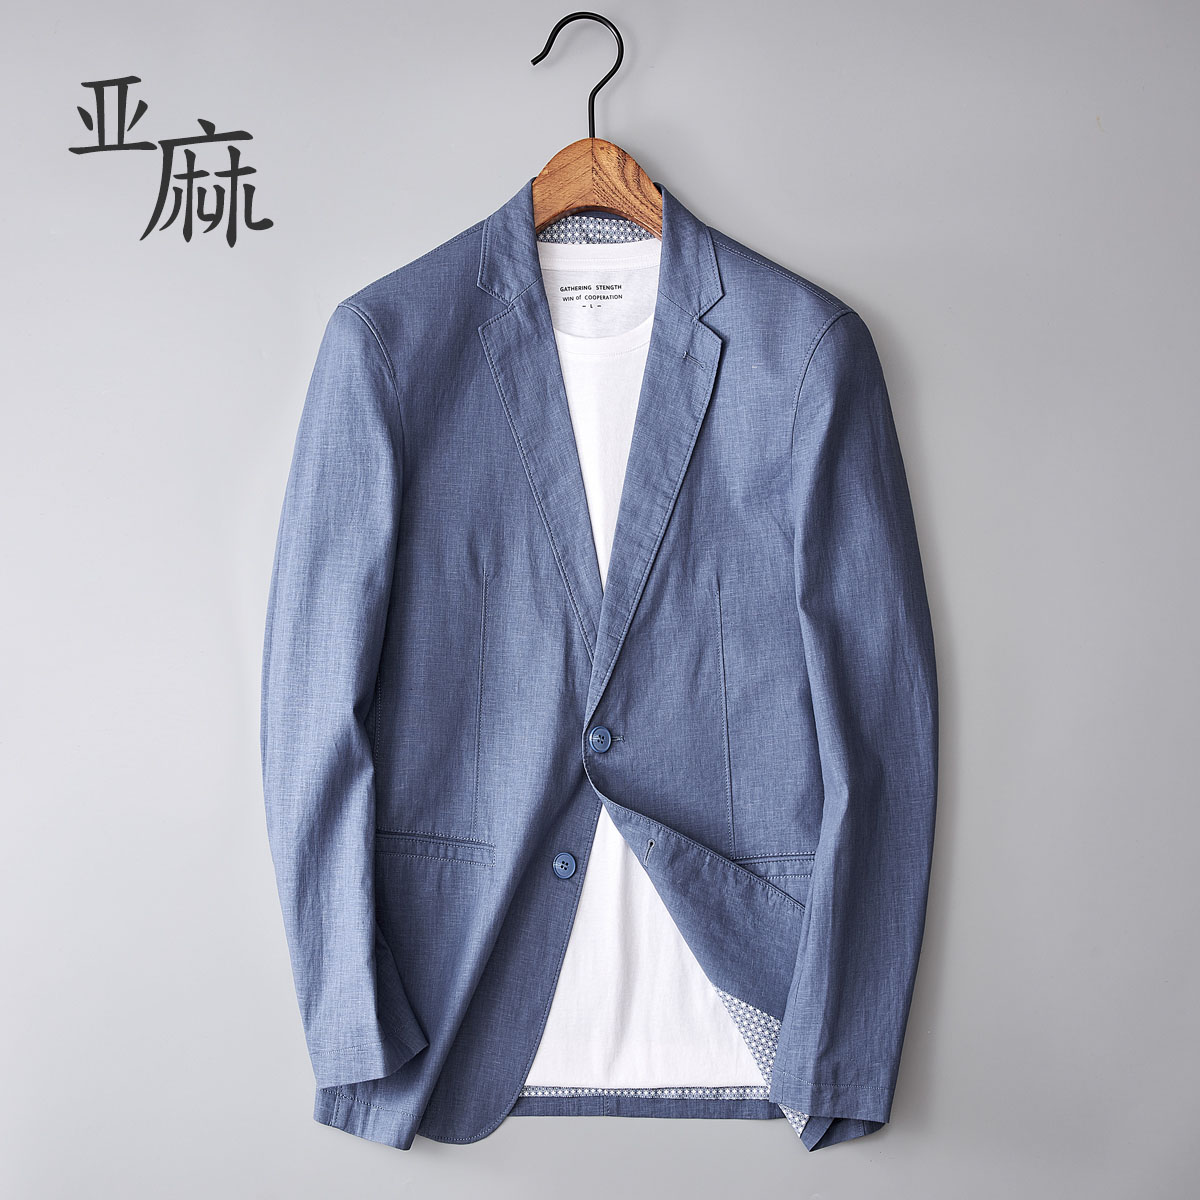 亚麻小西装男春夏薄款修身韩版复古棉麻商务休闲单件西服大码外套